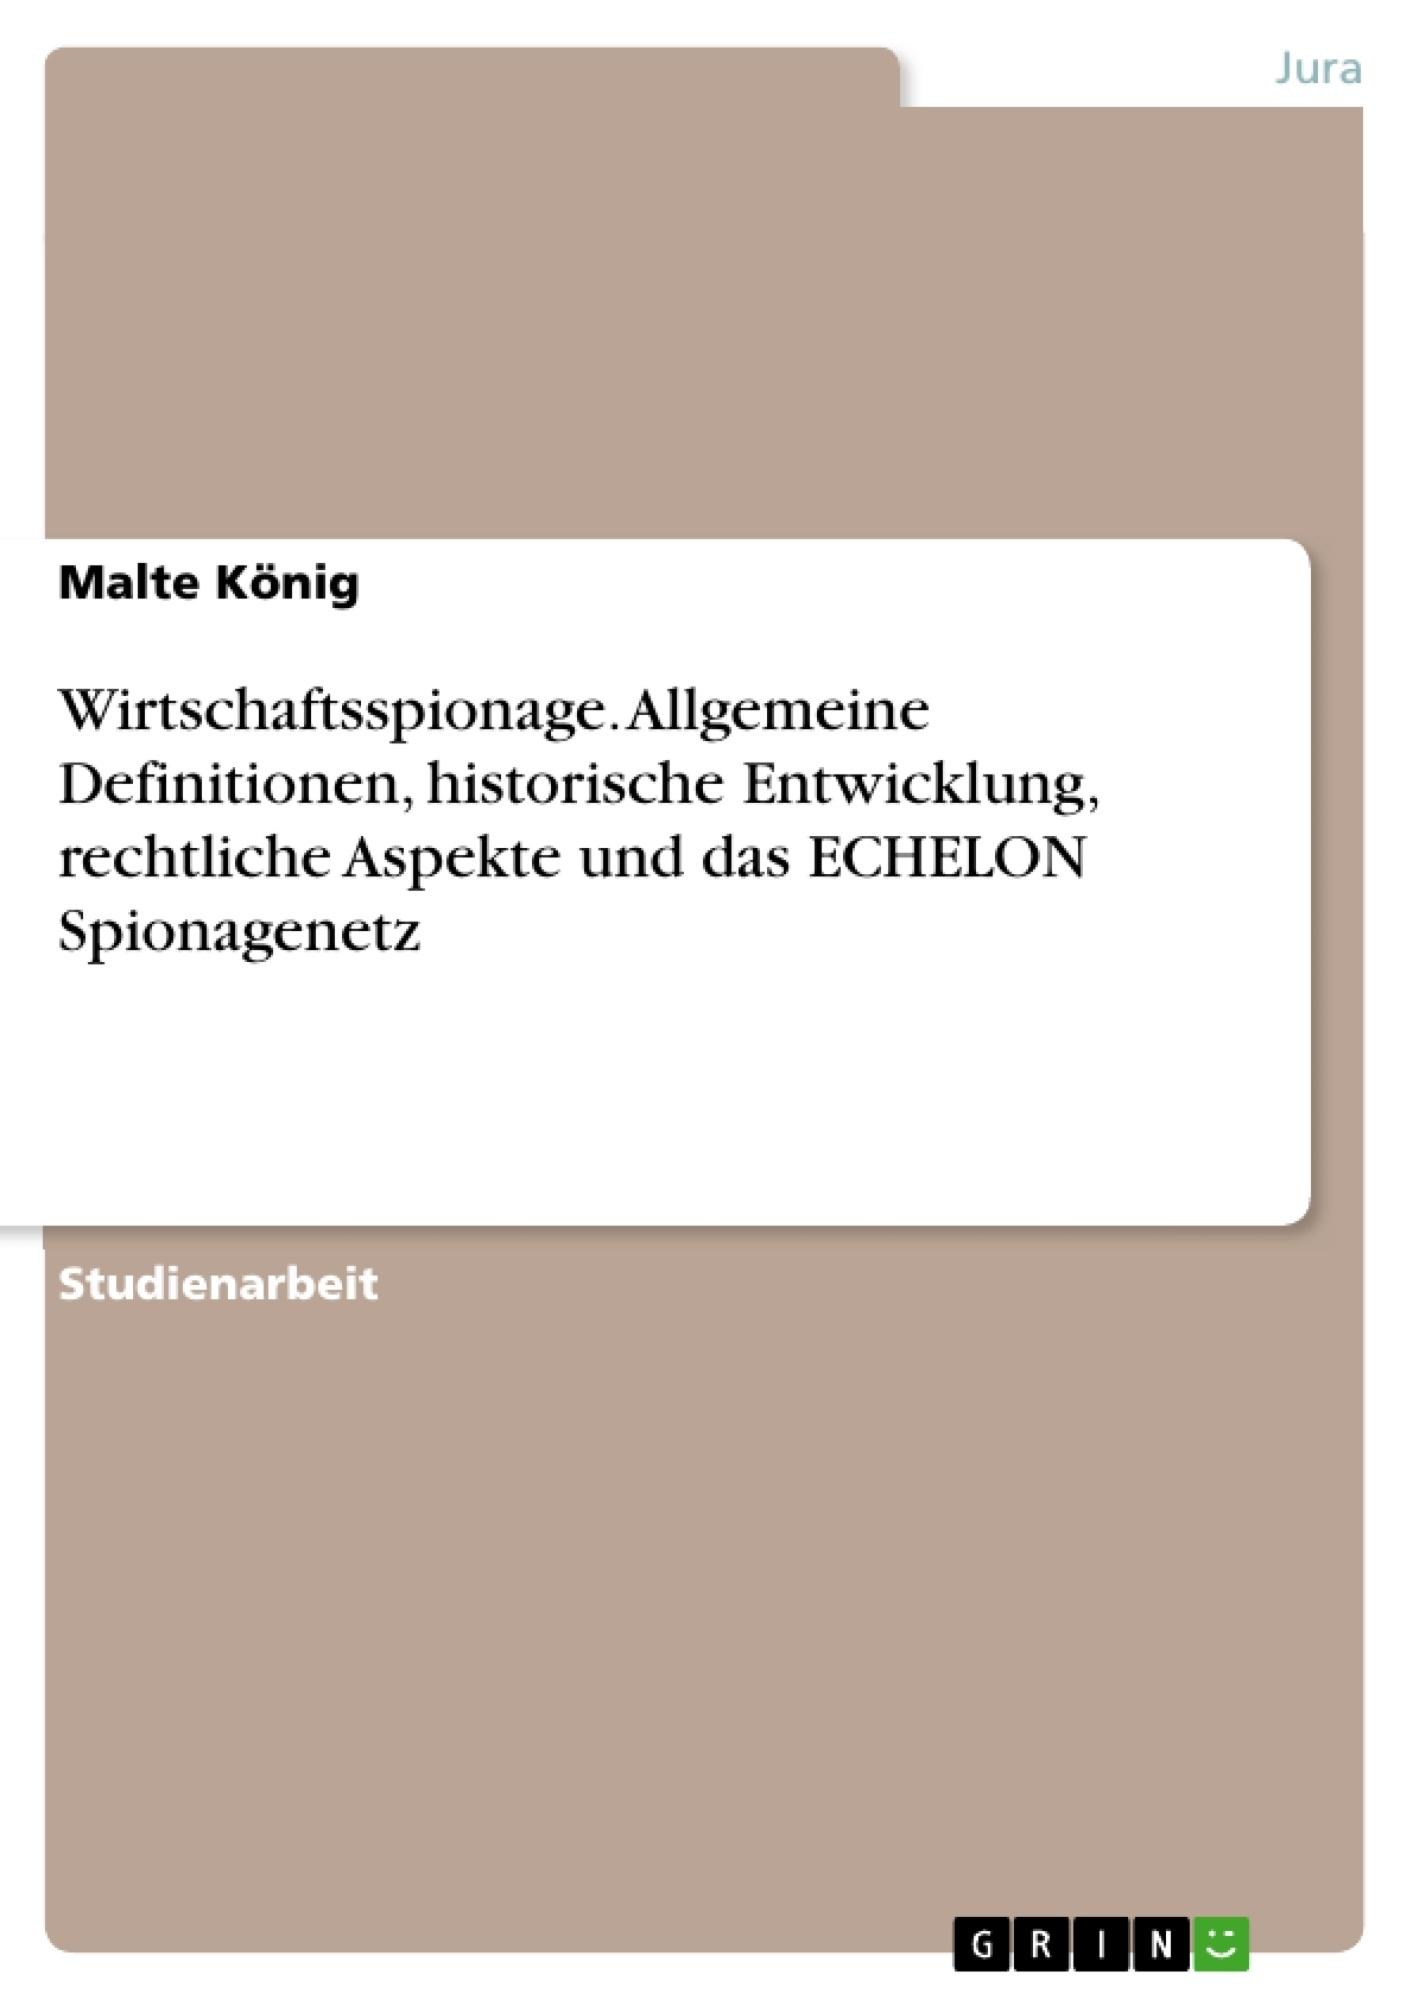 Titel: Wirtschaftsspionage. Allgemeine Definitionen, historische Entwicklung, rechtliche Aspekte und das ECHELON Spionagenetz